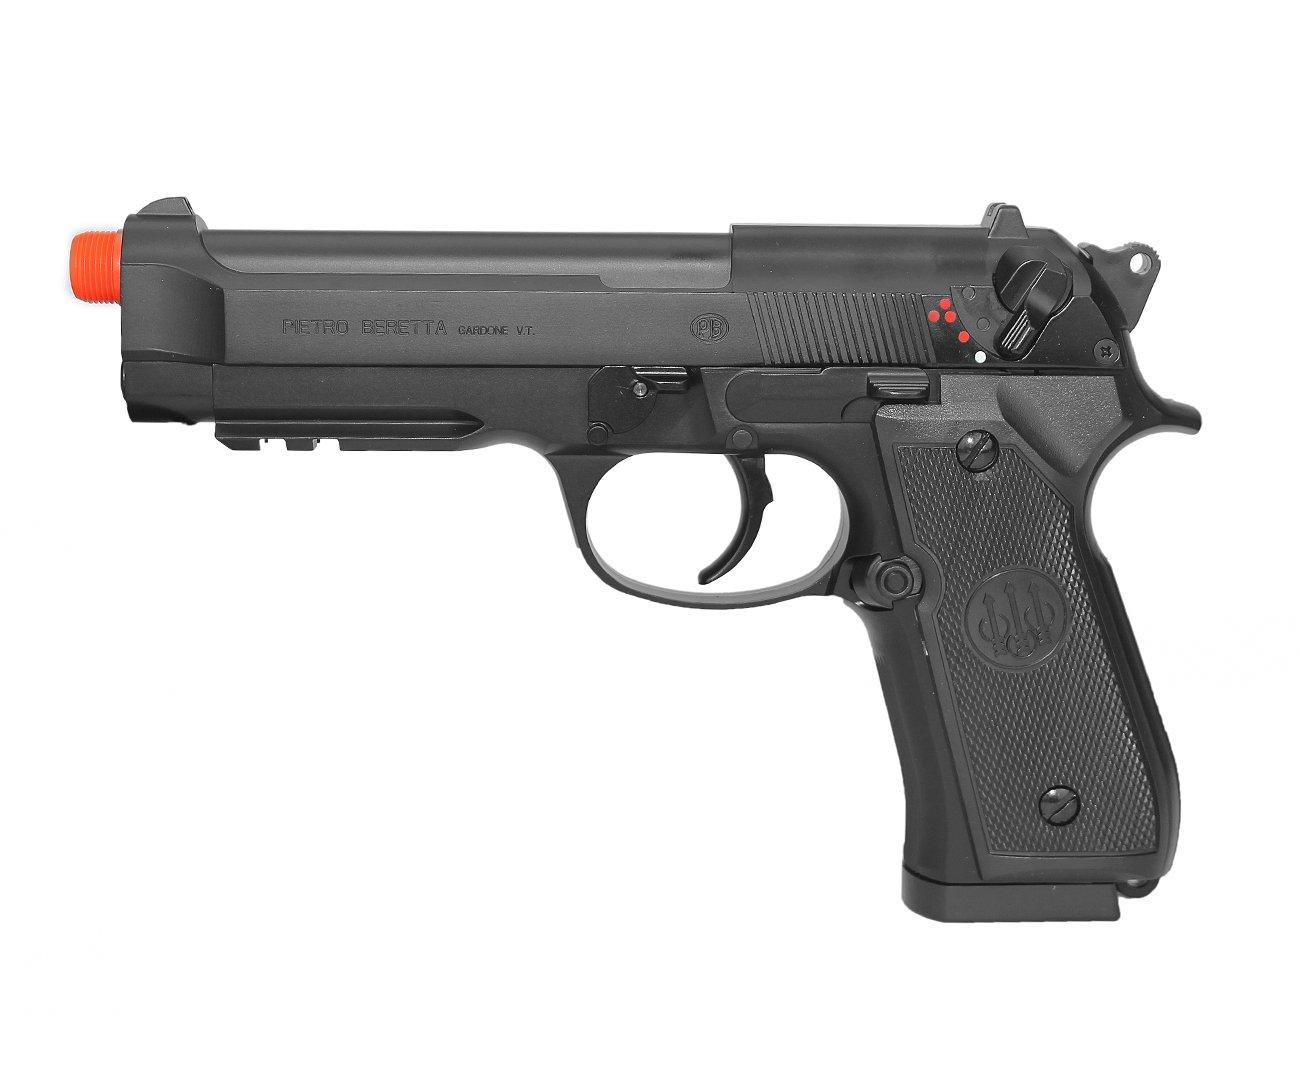 Pistola De Airsoft Beretta 92a1 Semi/metal Elétrica - Cal 6mm Umarex